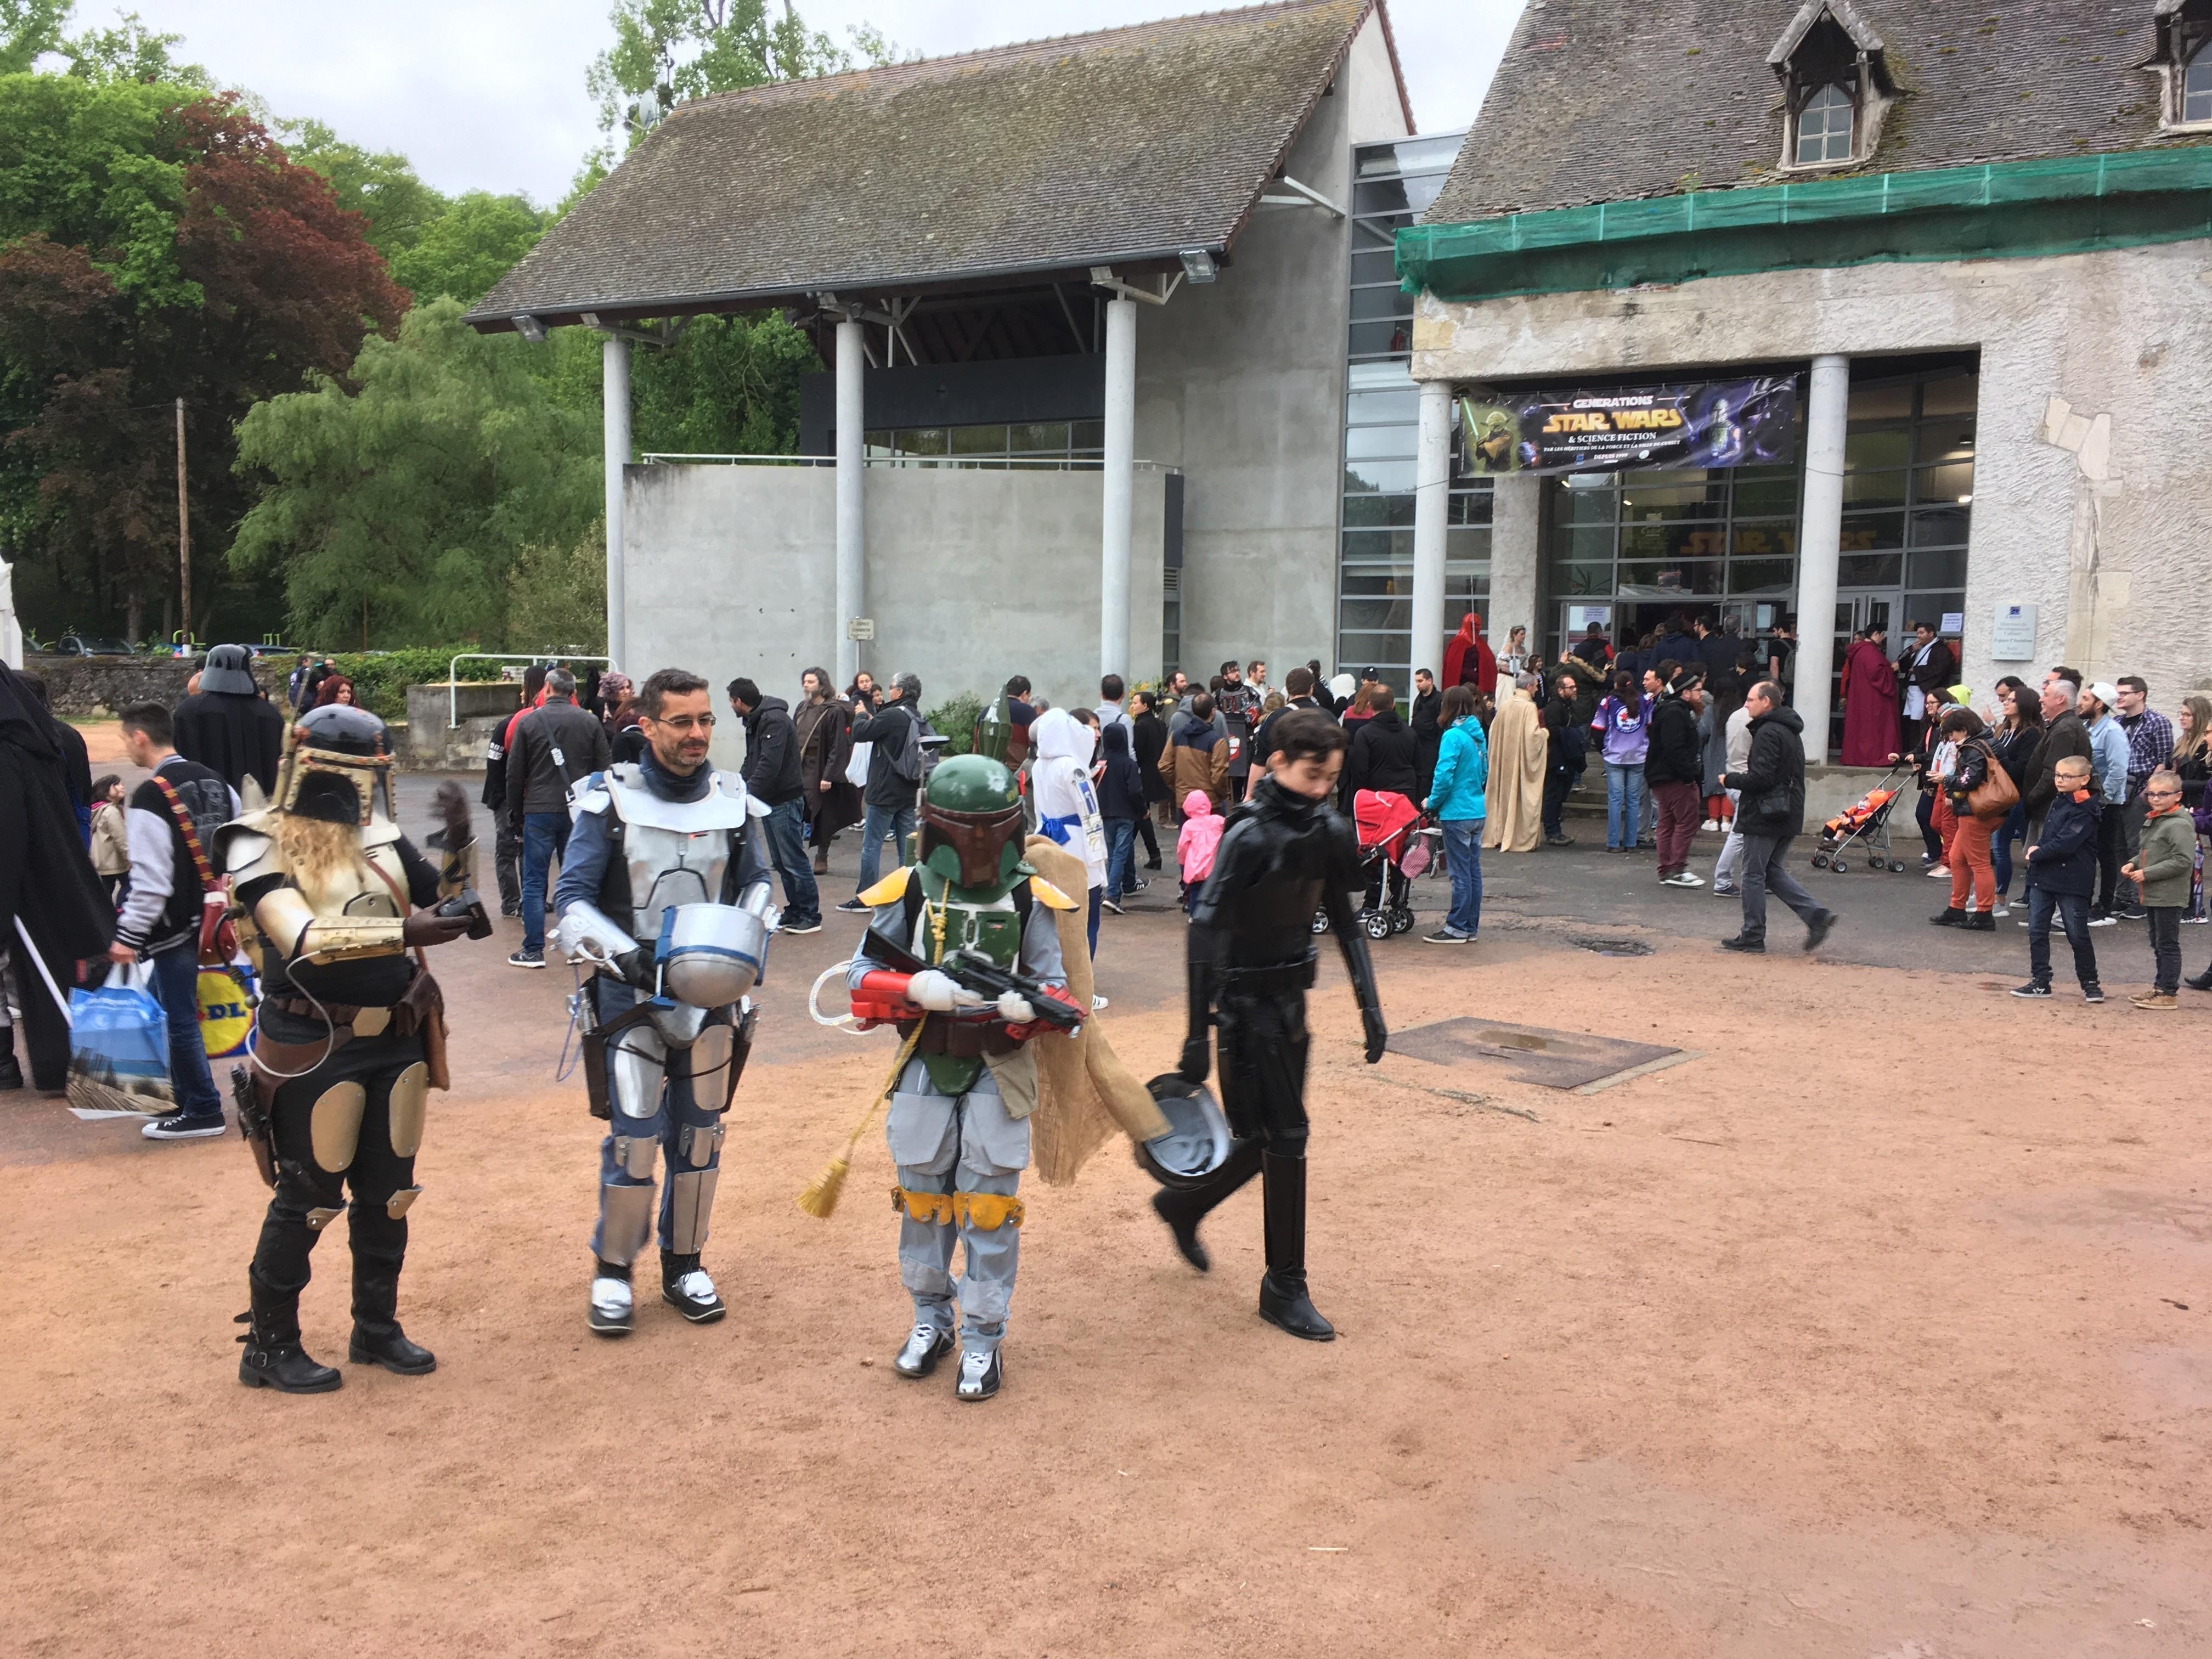 Générations Star Wars et SF 20ème édition - Cusset - 28 et 29 avril 2018 R69kcE